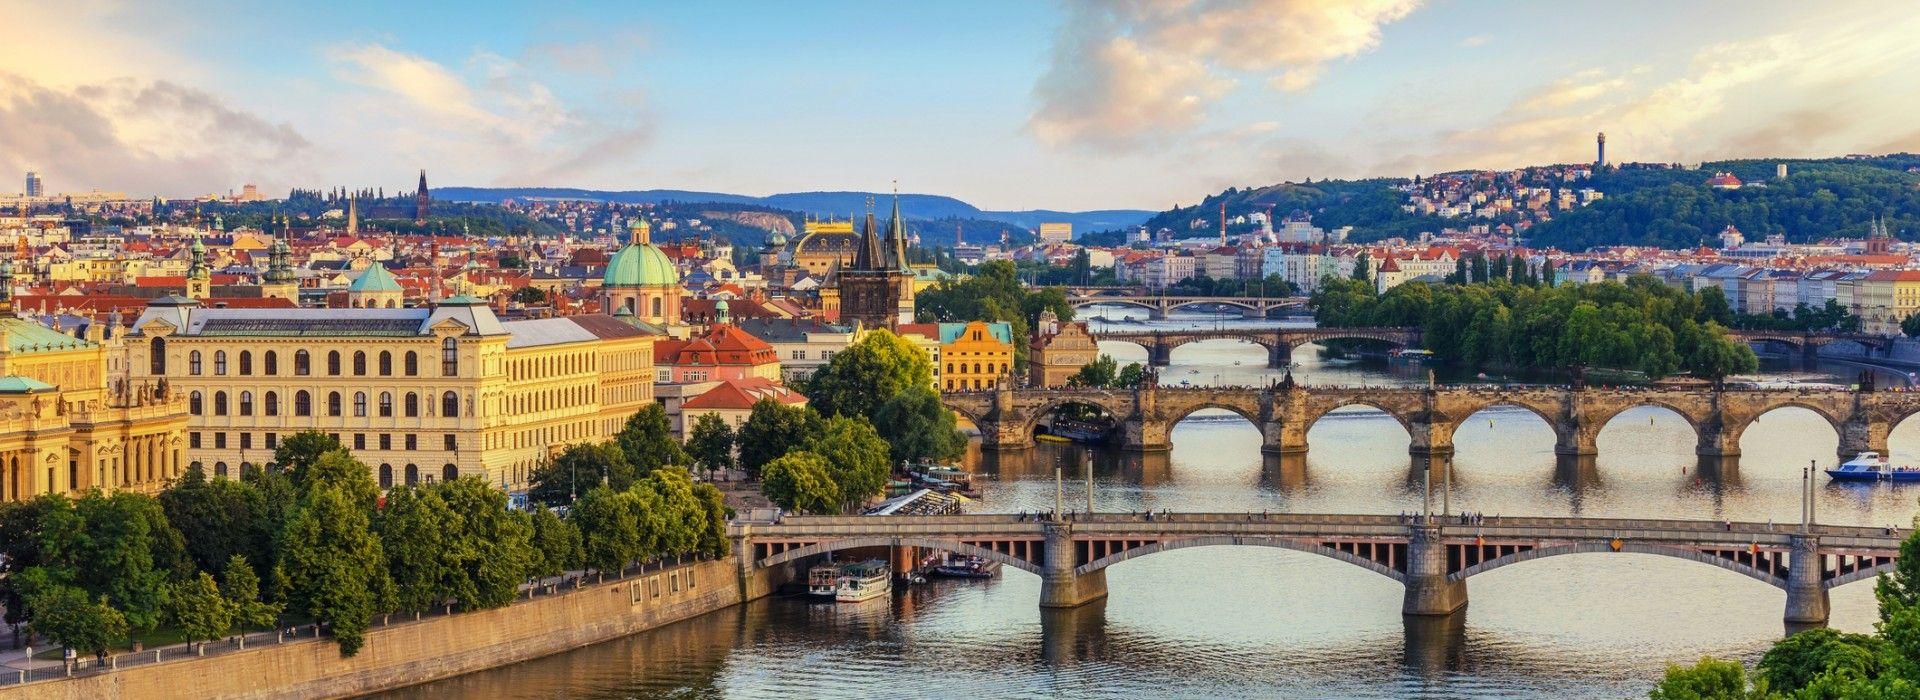 Food tours in Prague